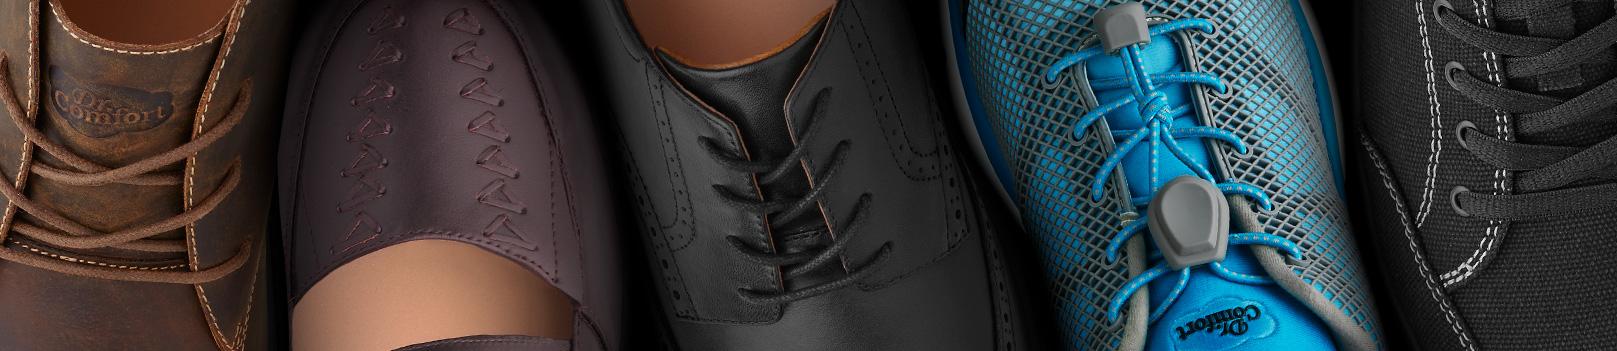 About Dr. Comfort Diabetic Shoes